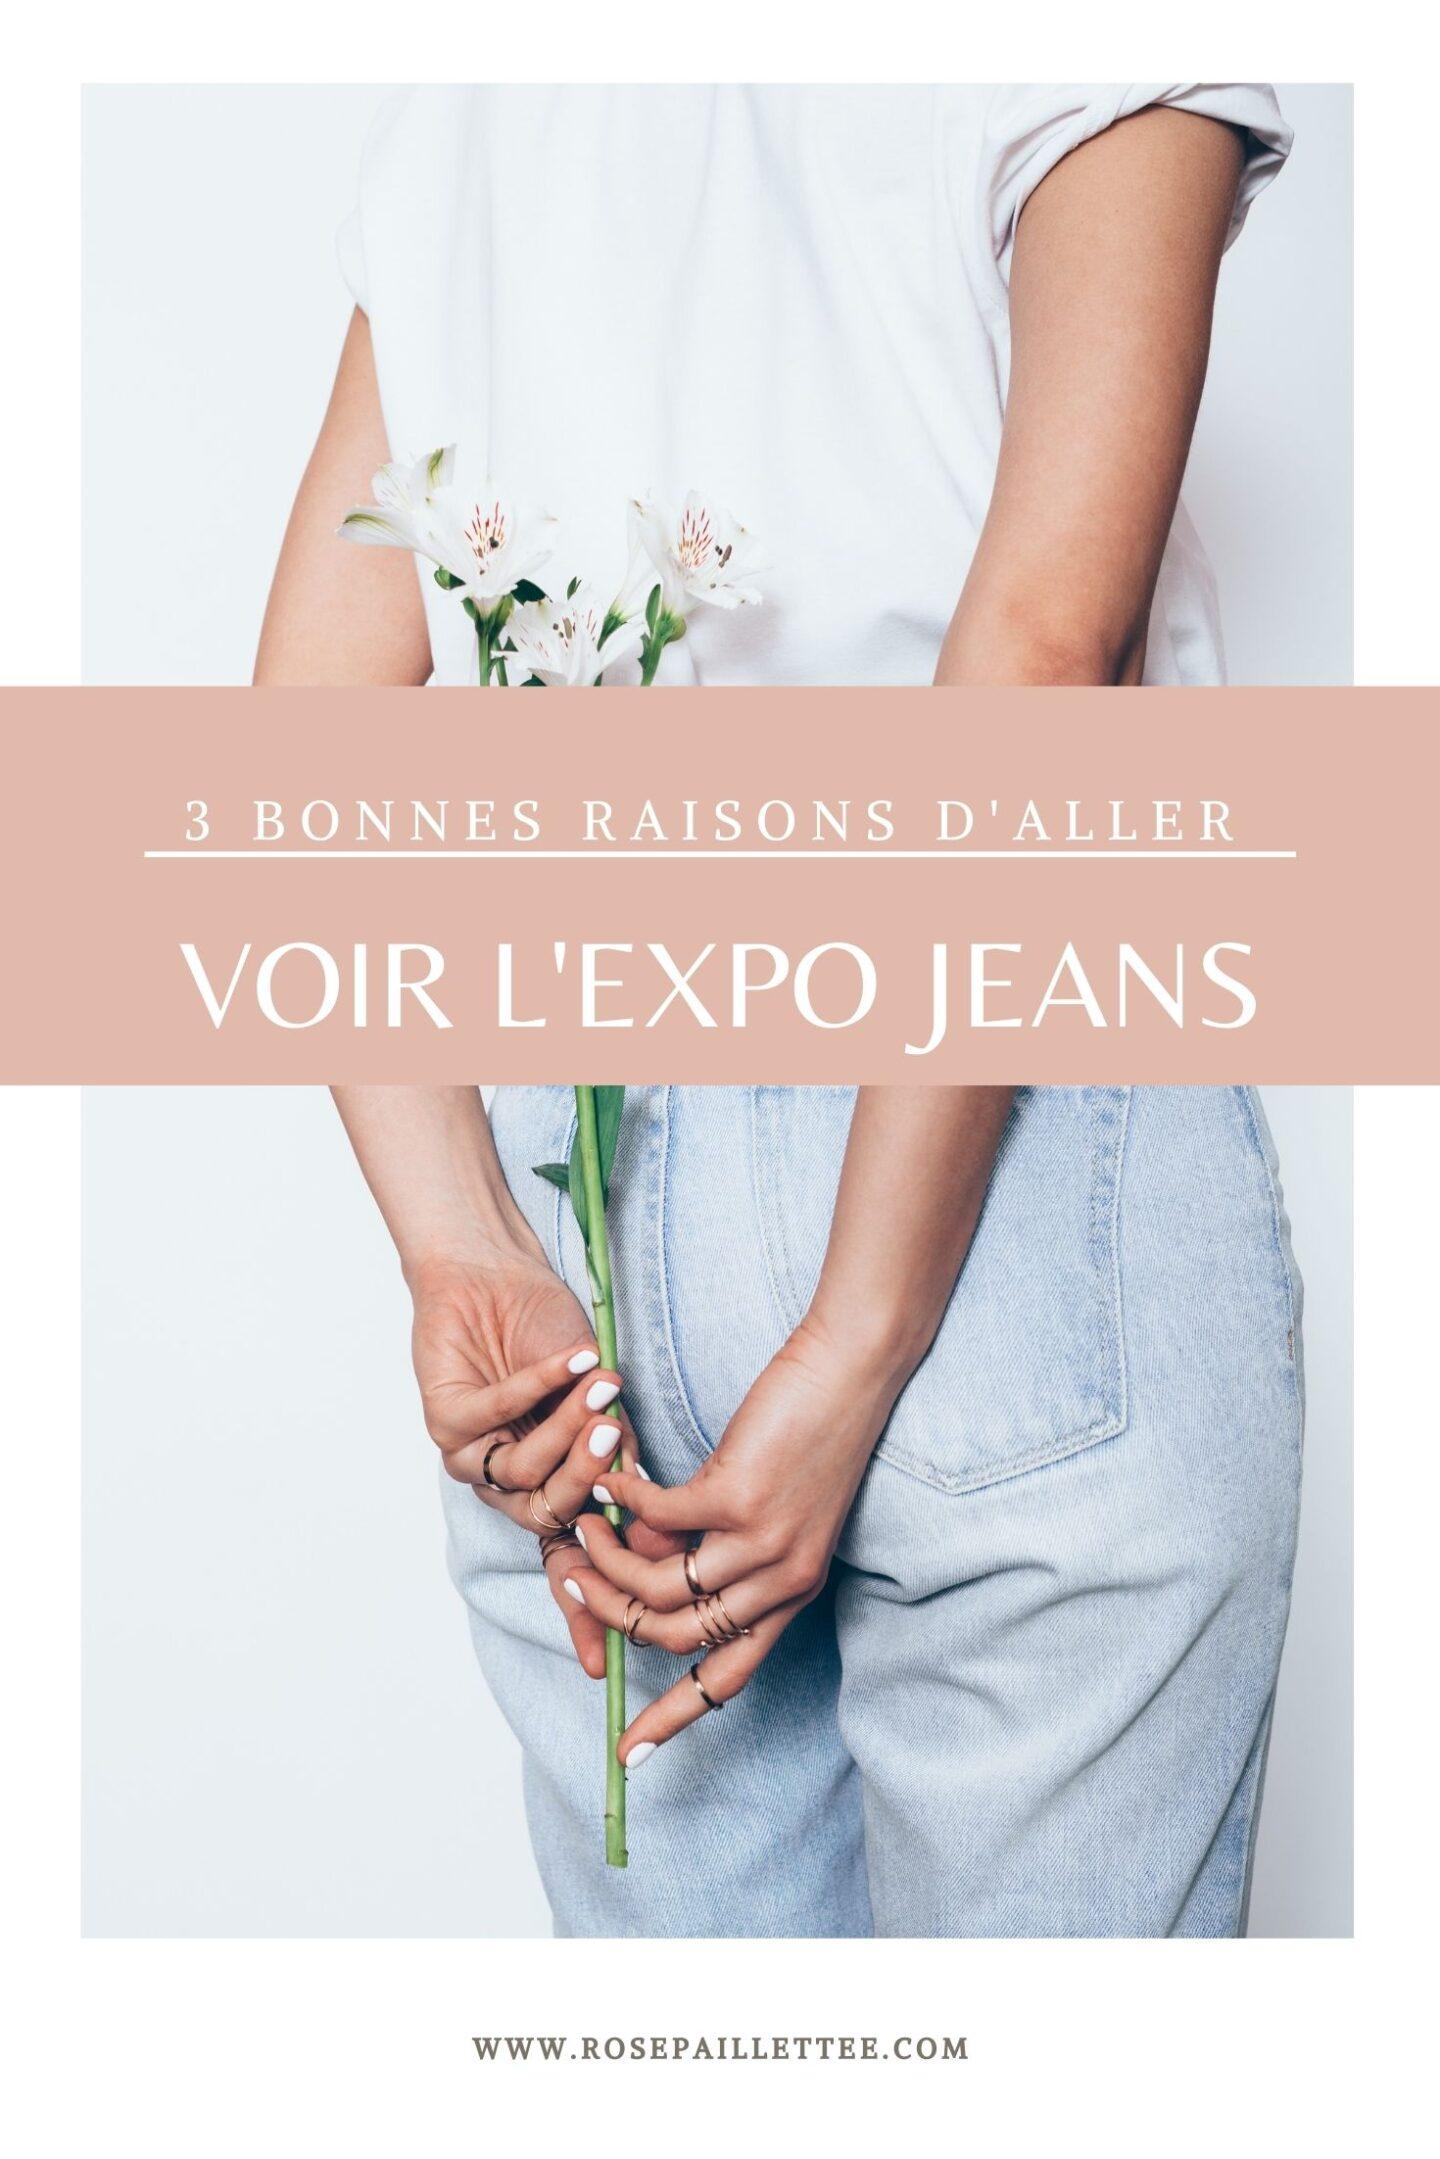 3 bonnes raisons d'aller voir l'expo Jean à La Villette